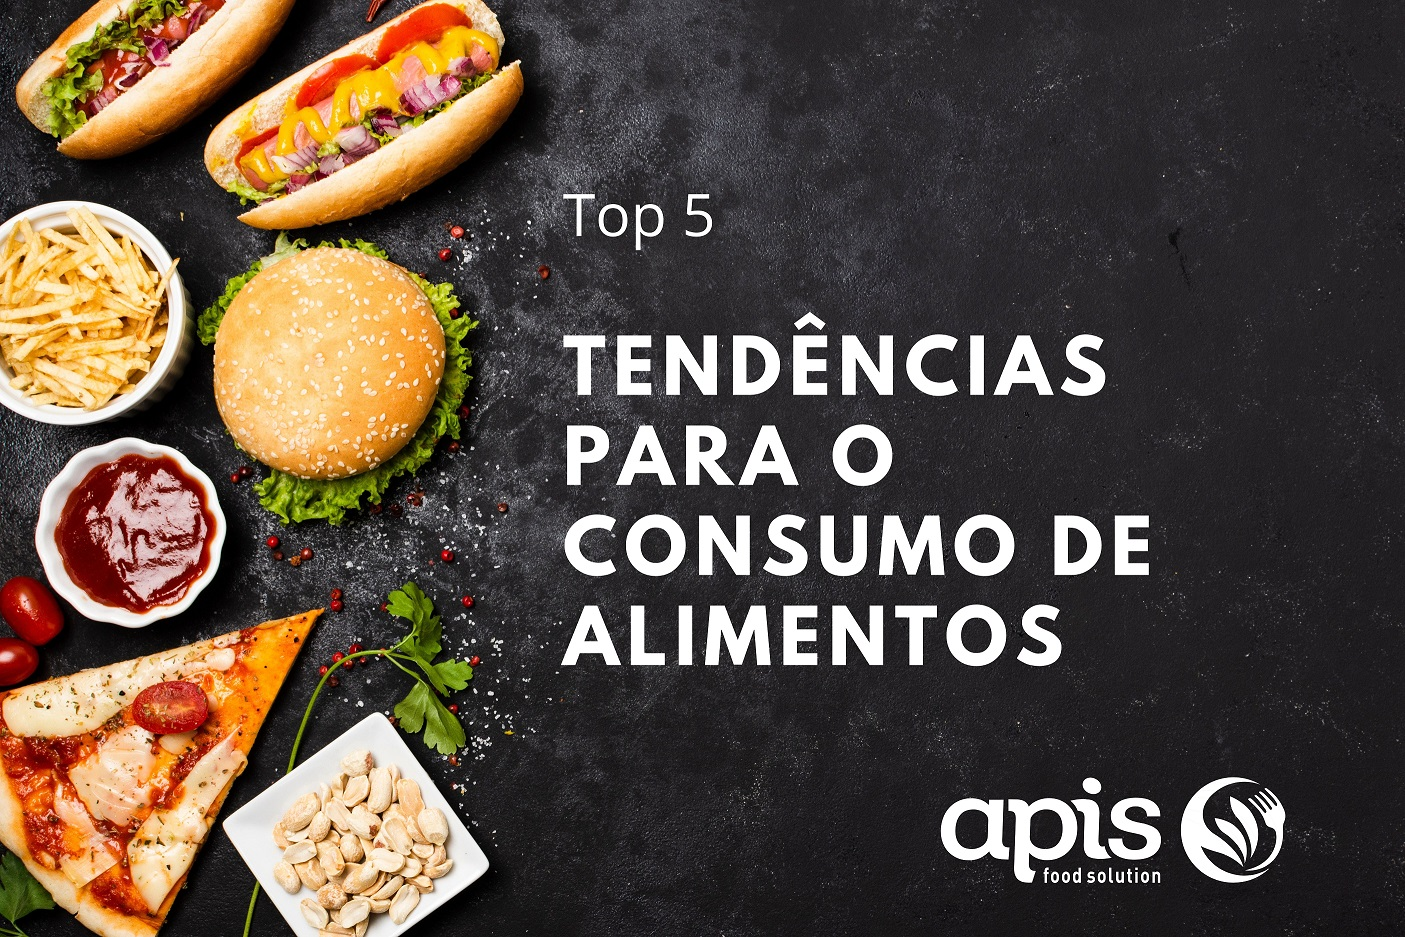 Top 5: tendências para o consumo de alimentos